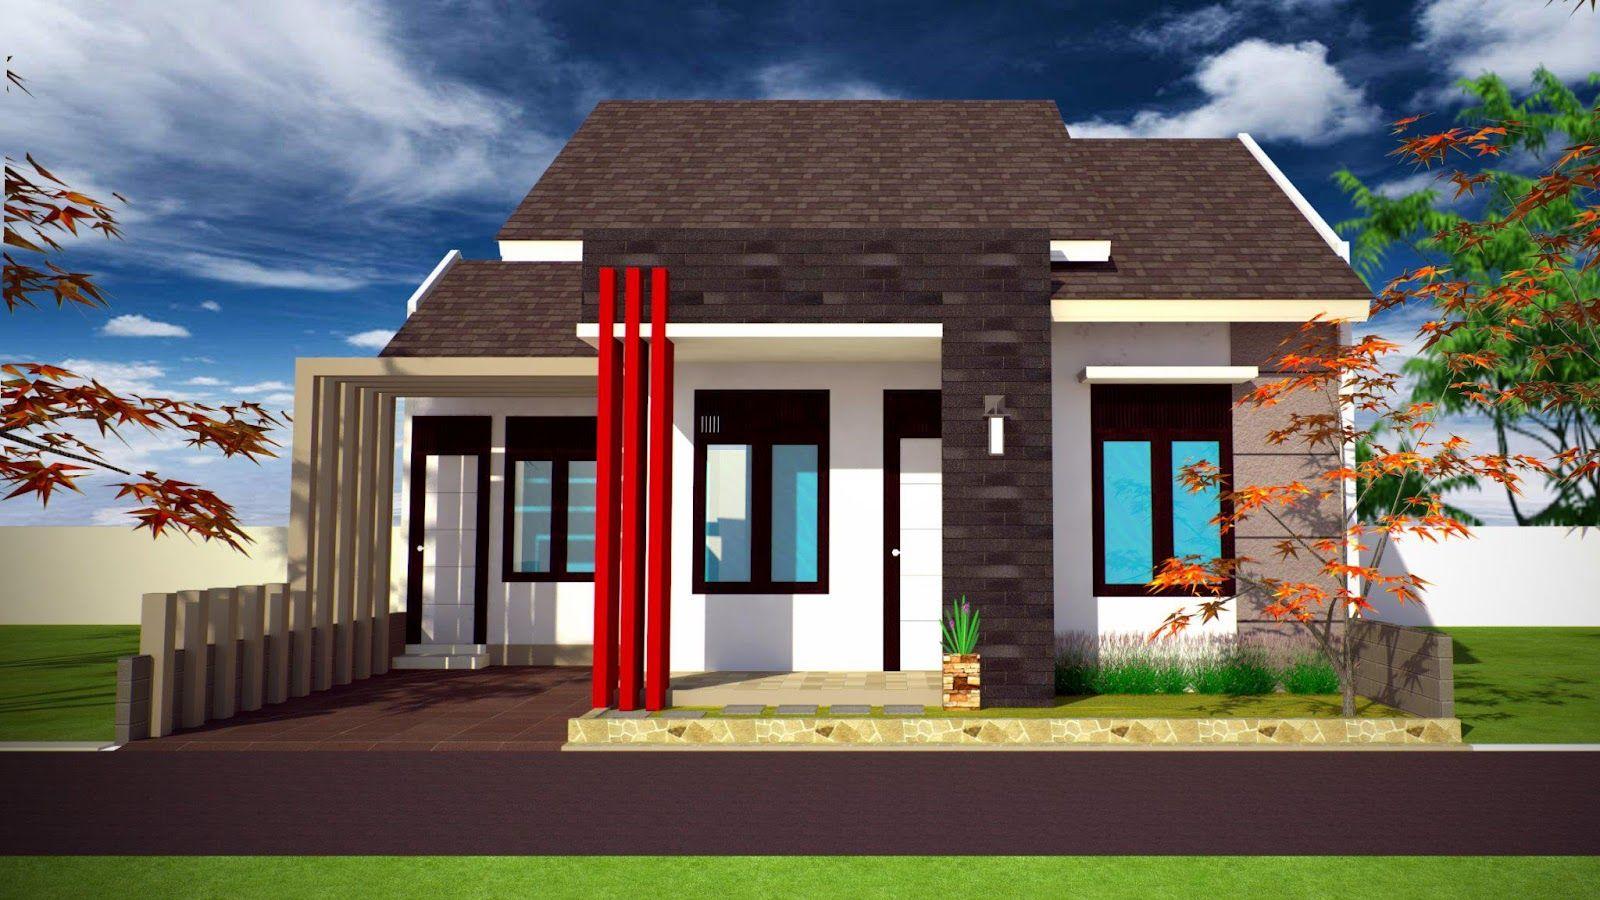 Desain Rumah Unik Sederhana Minimalis Home Design Life Wallpaper